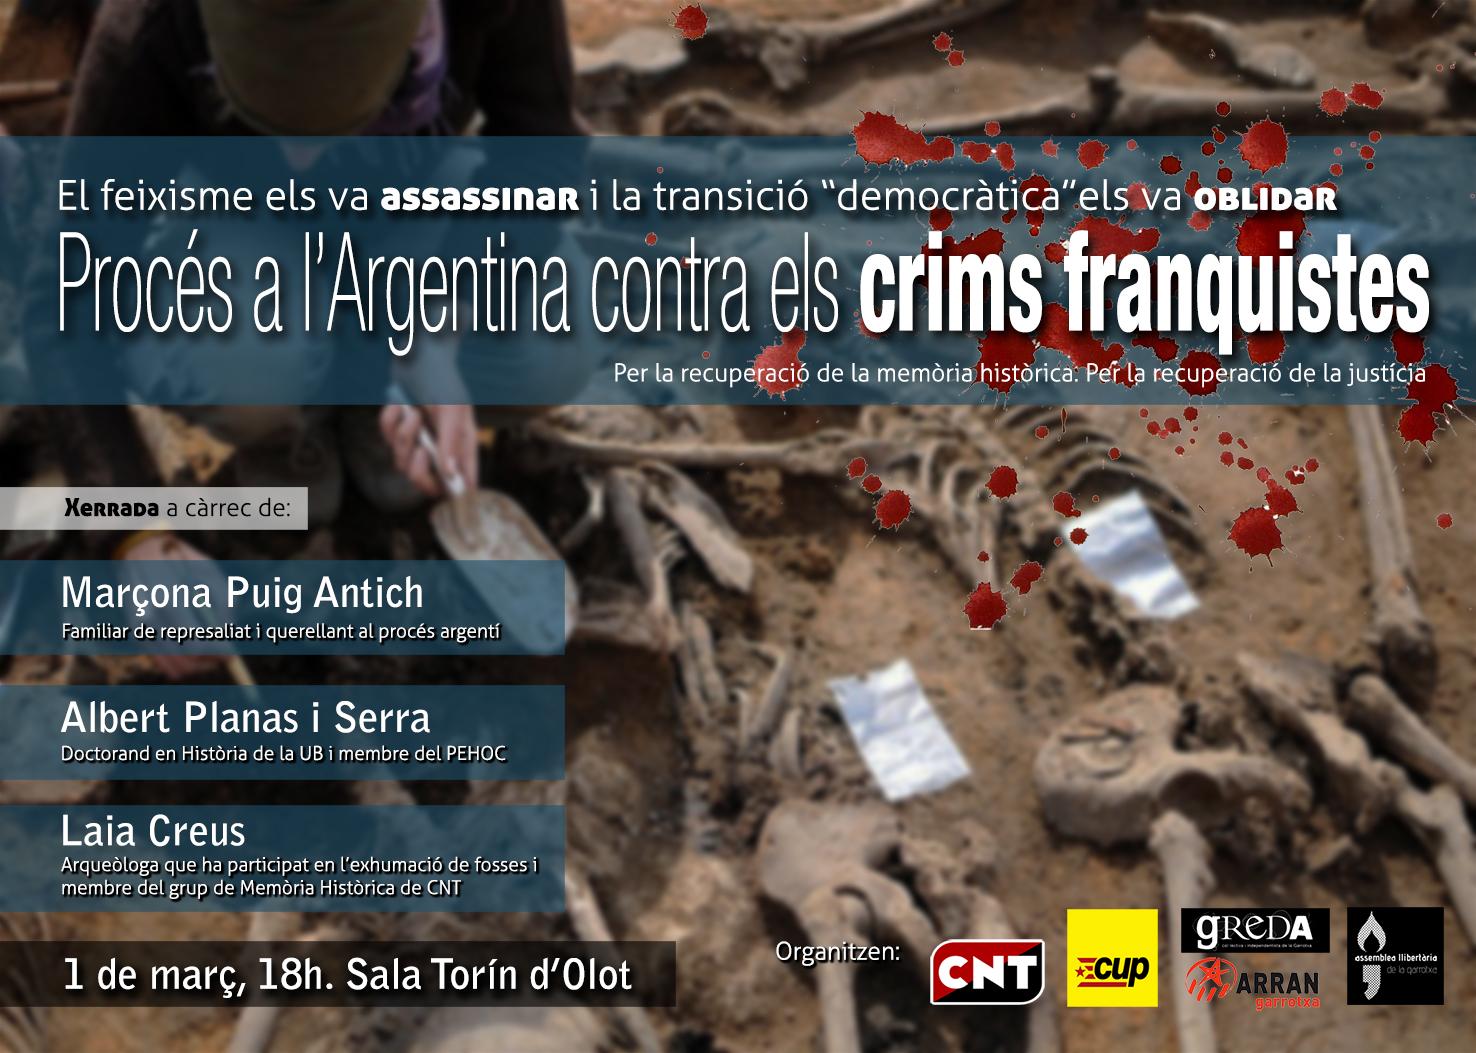 En record dels assassinats pel feixisme i oblidats per la democràcia